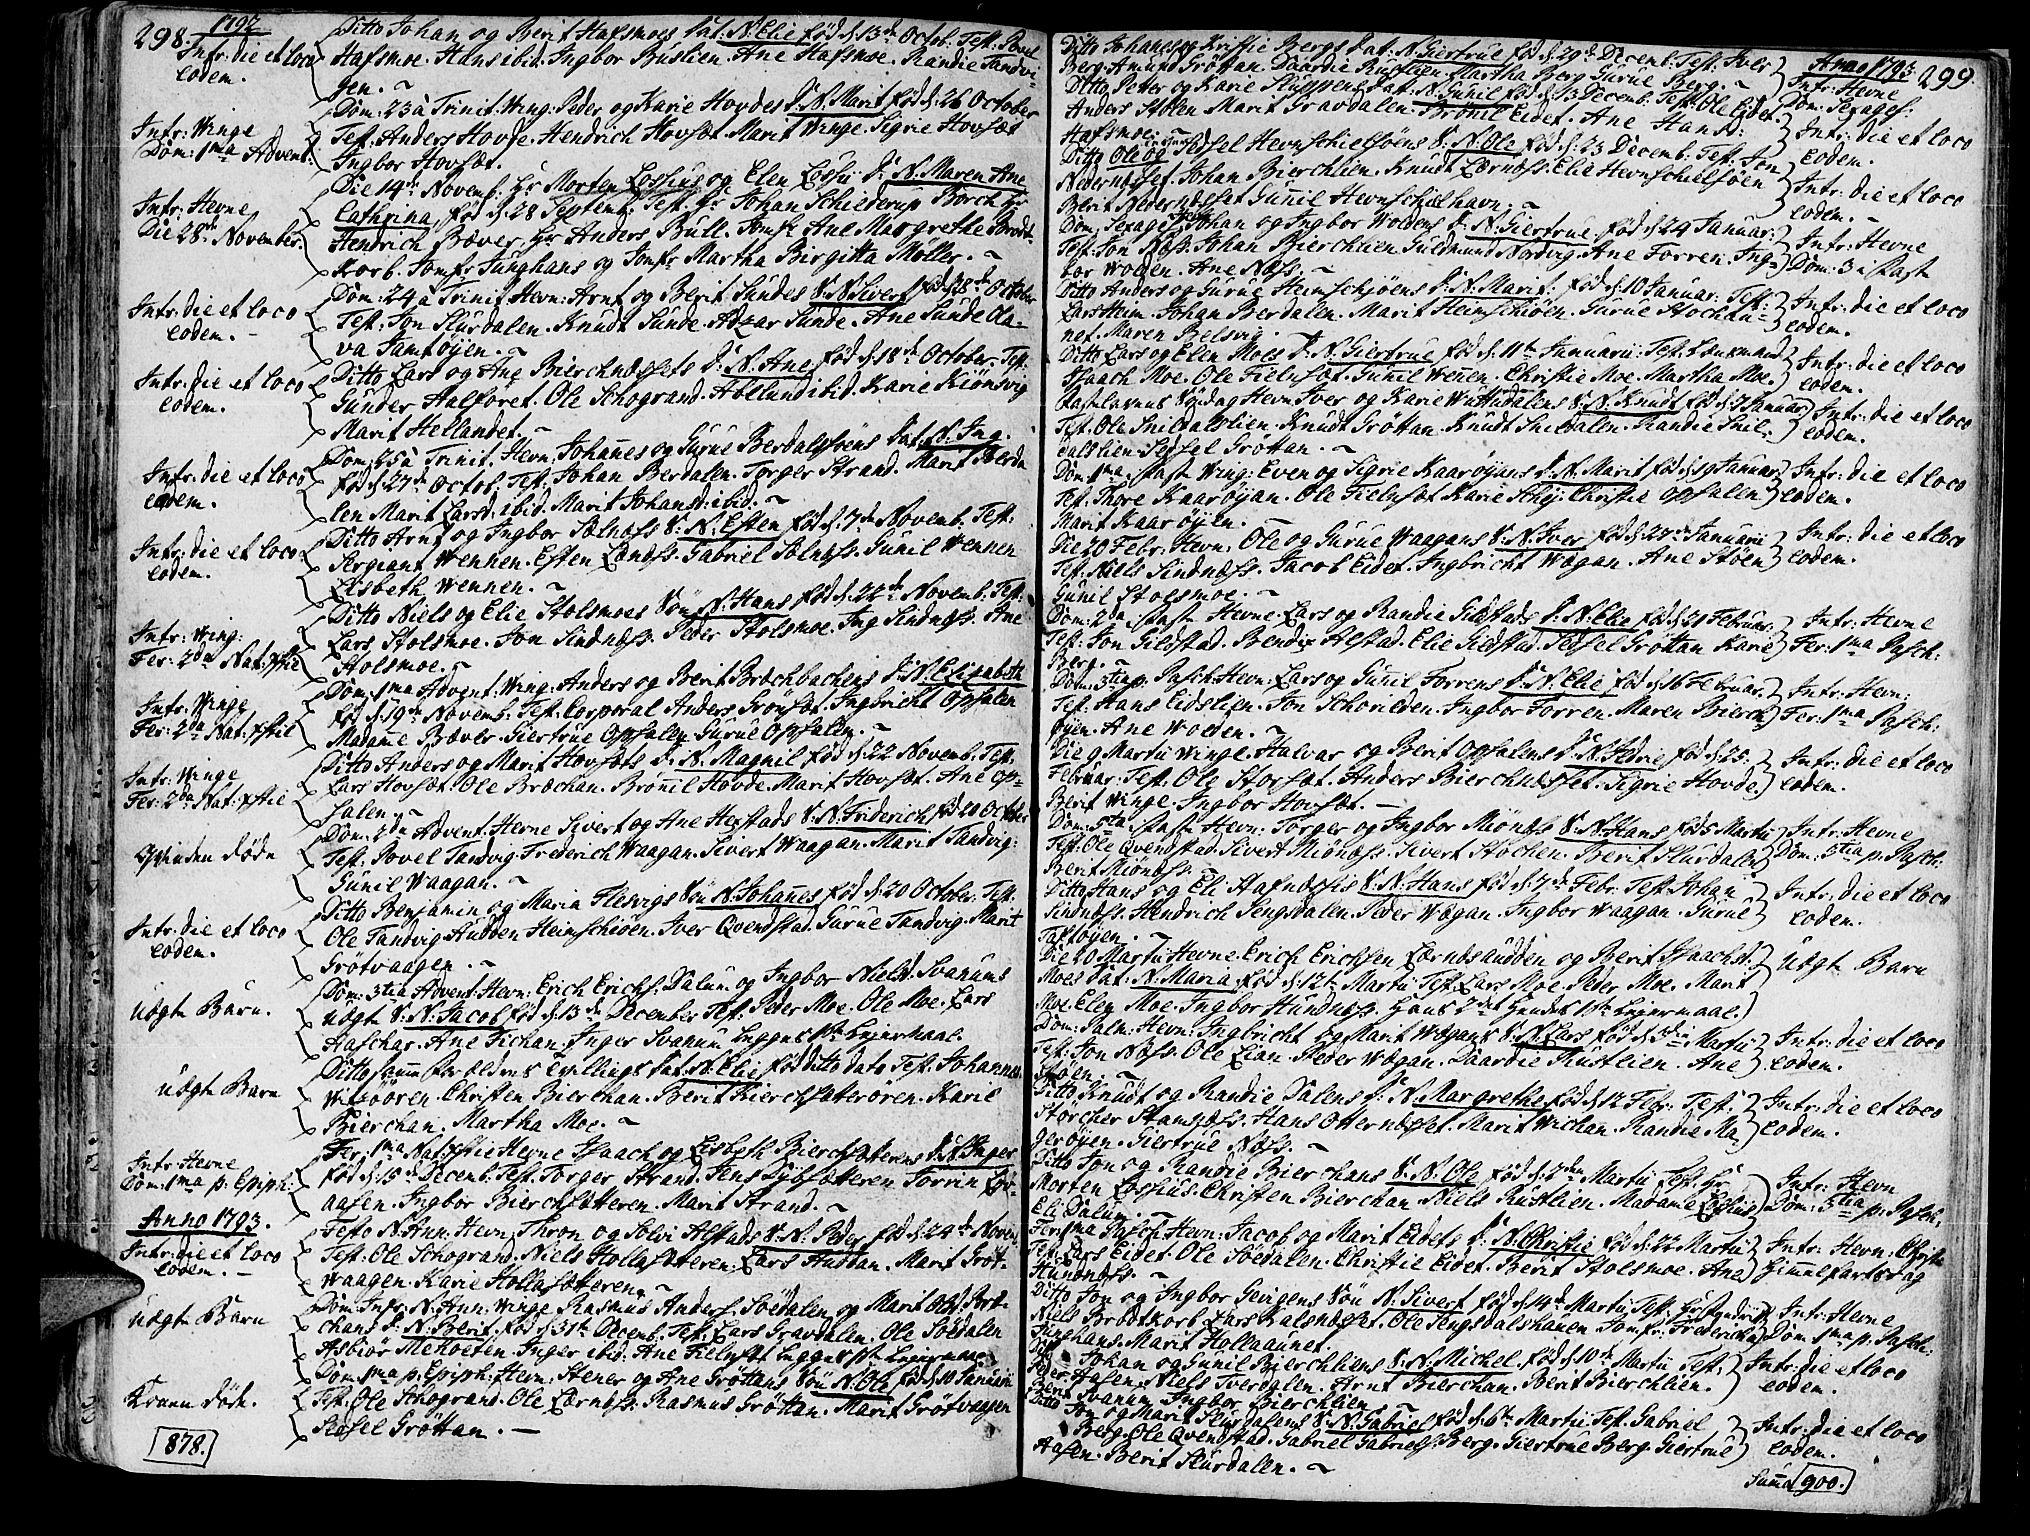 SAT, Ministerialprotokoller, klokkerbøker og fødselsregistre - Sør-Trøndelag, 630/L0489: Ministerialbok nr. 630A02, 1757-1794, s. 298-299